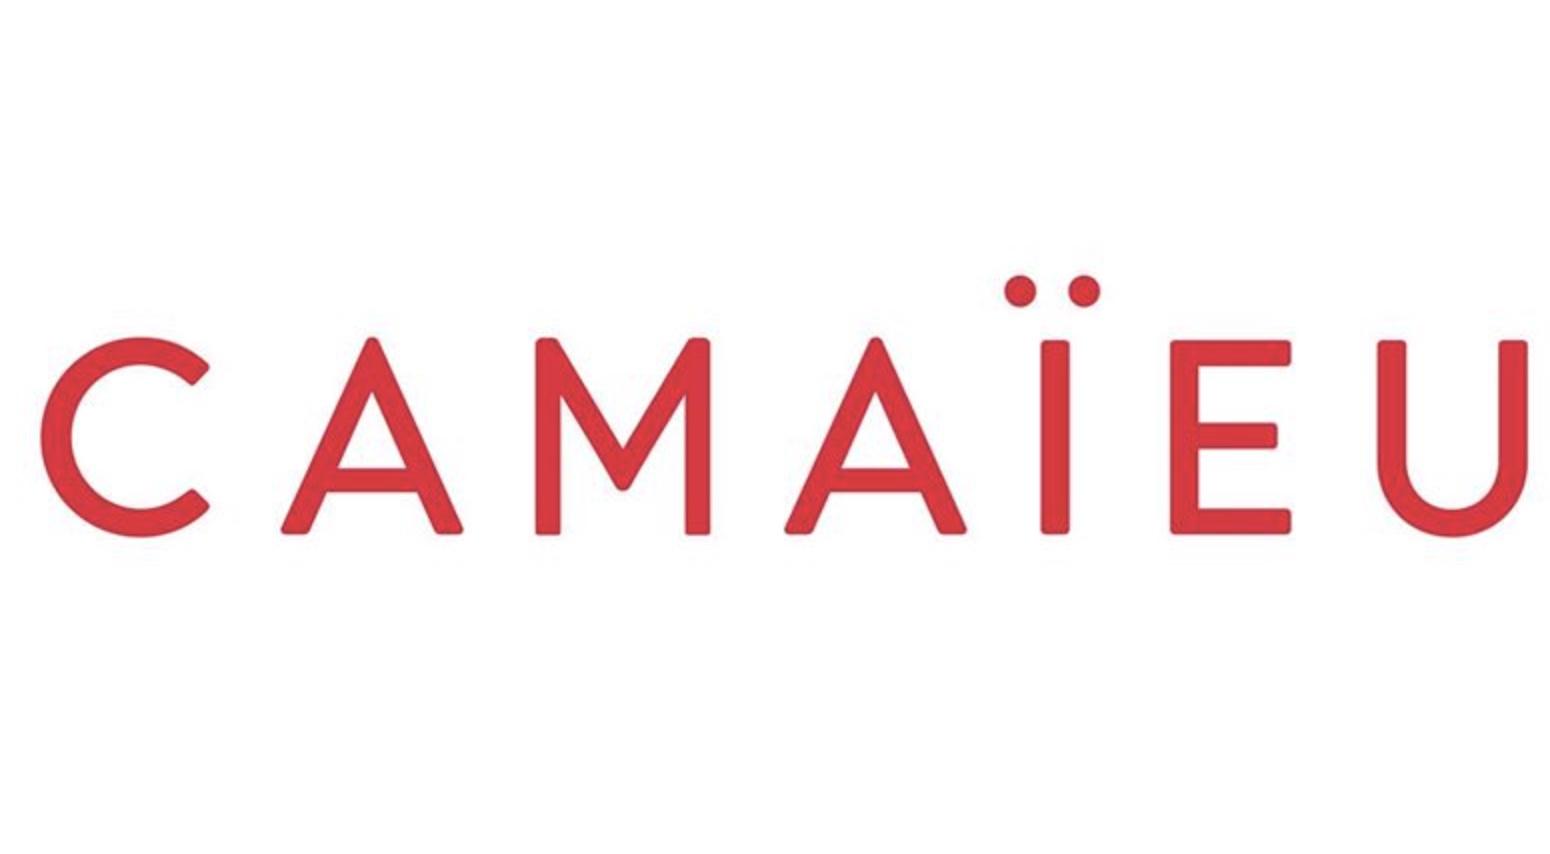 Code promo Camaïeu : -40% dès 2 articles achetés ou de 50% dès 3 articles pendant les ventes privées